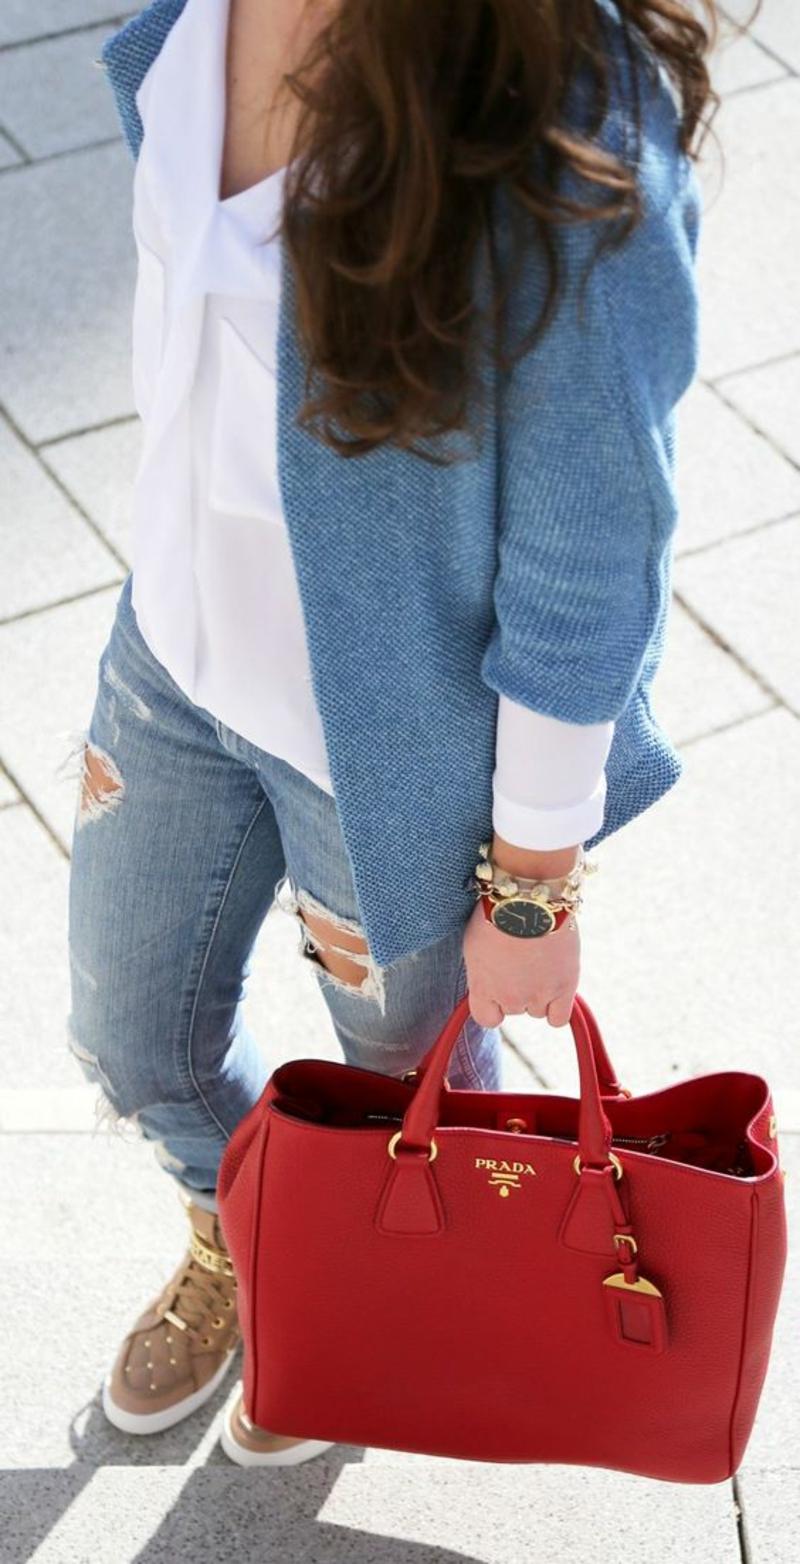 Designer Handtaschen Prada Taschen sale